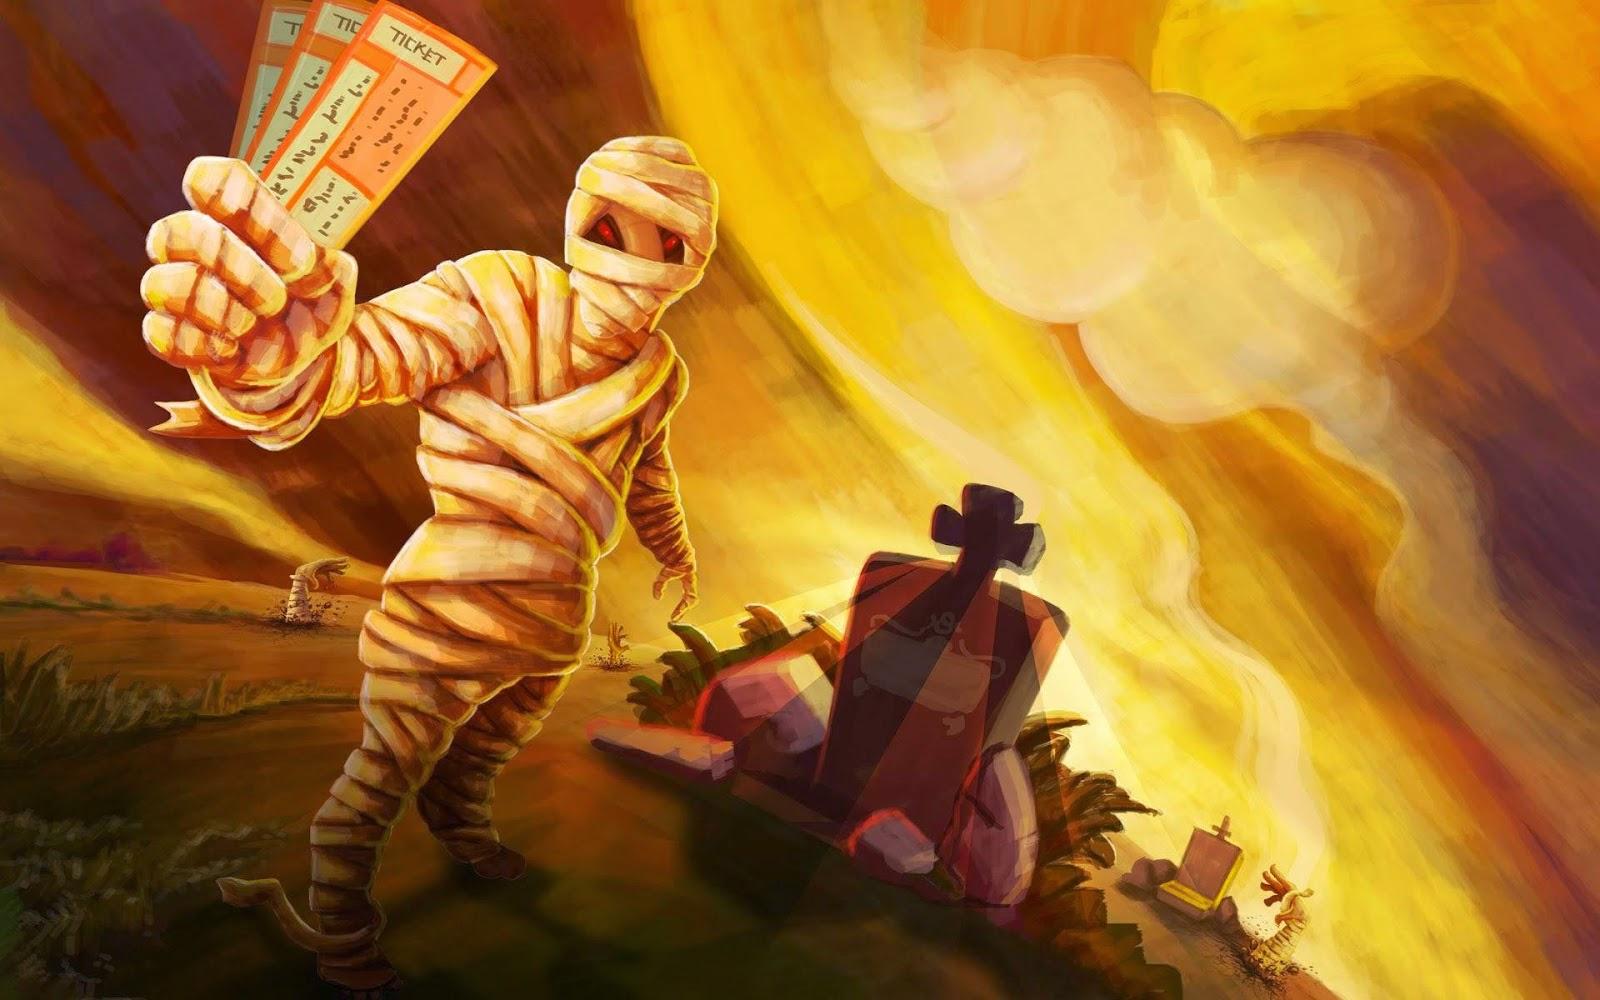 Papel de Parede Dia Das Bruxas Múmia halloween wallpaper image hd free